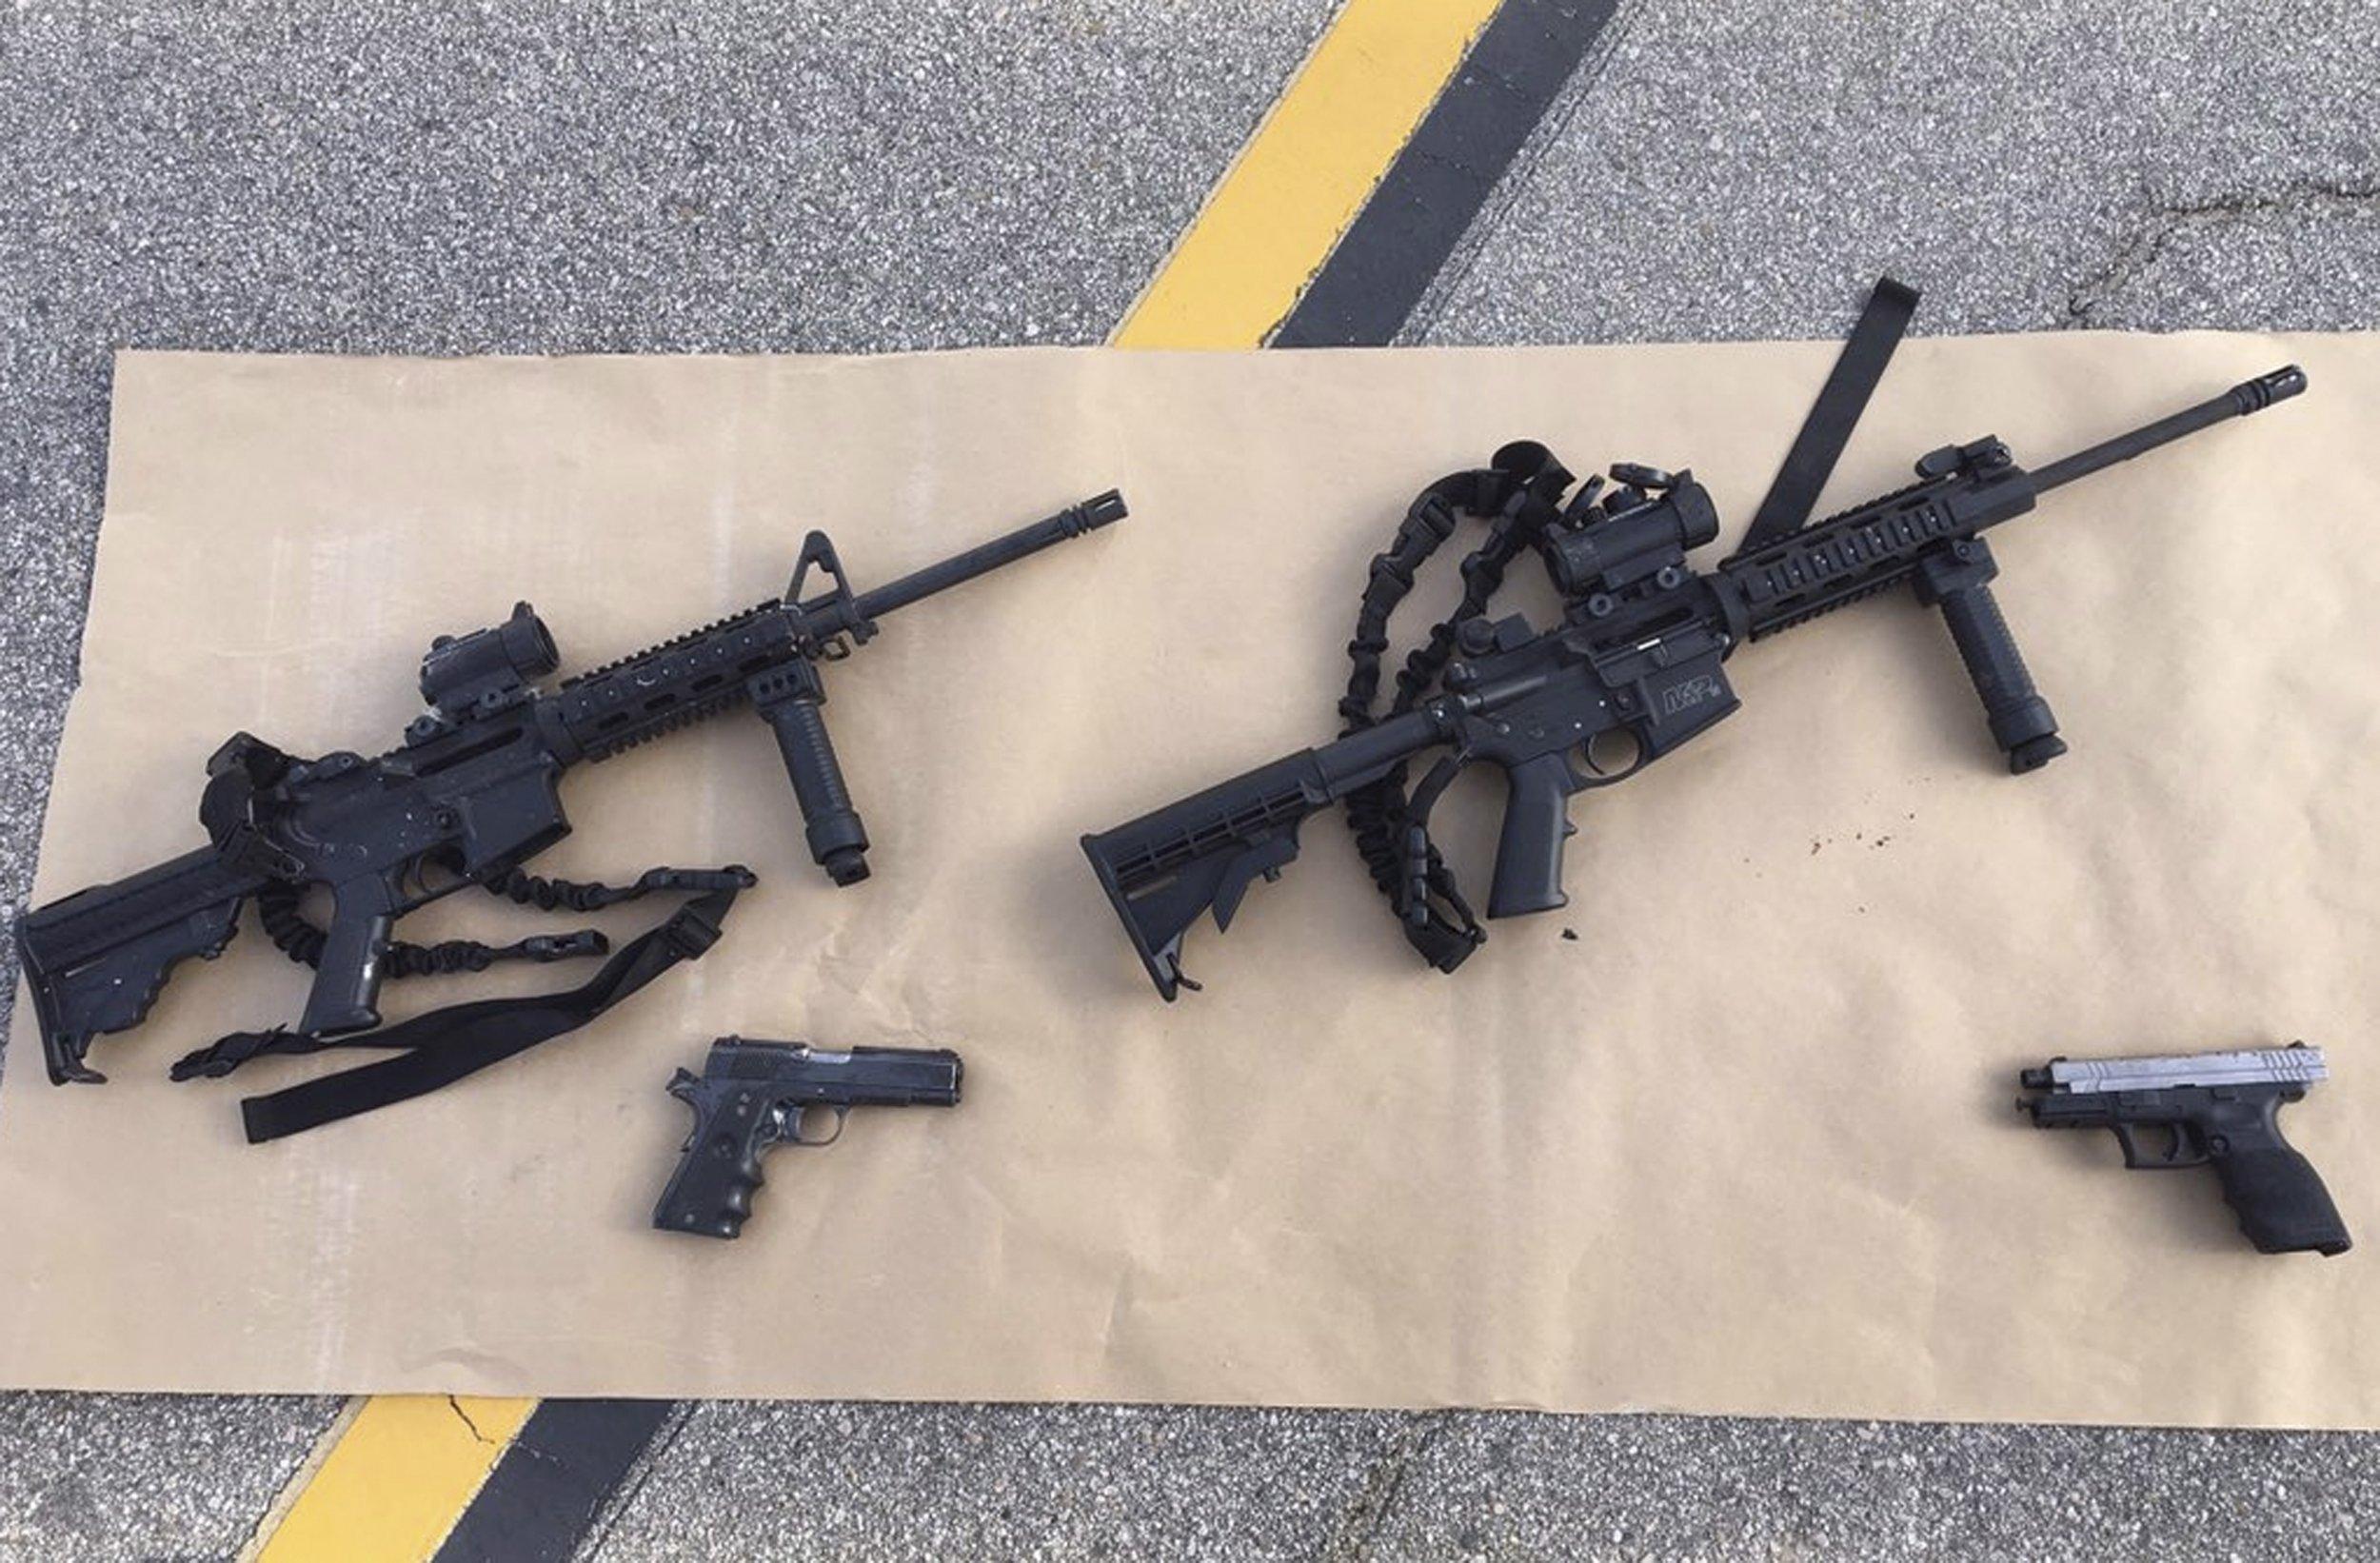 12_4_Guns_San_Bernardino